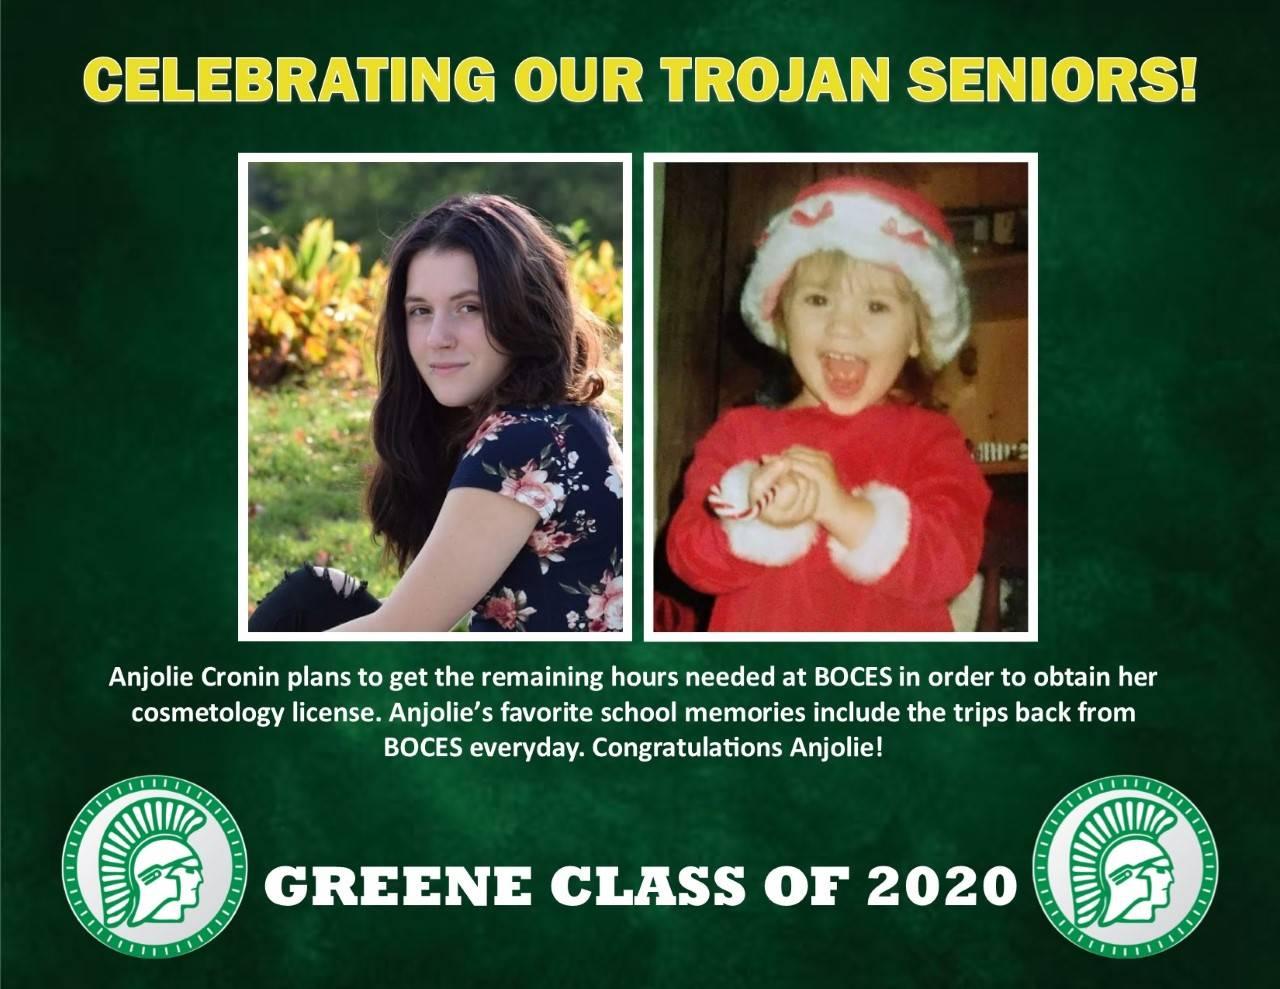 Anjolie Cronin Senior Spotlight